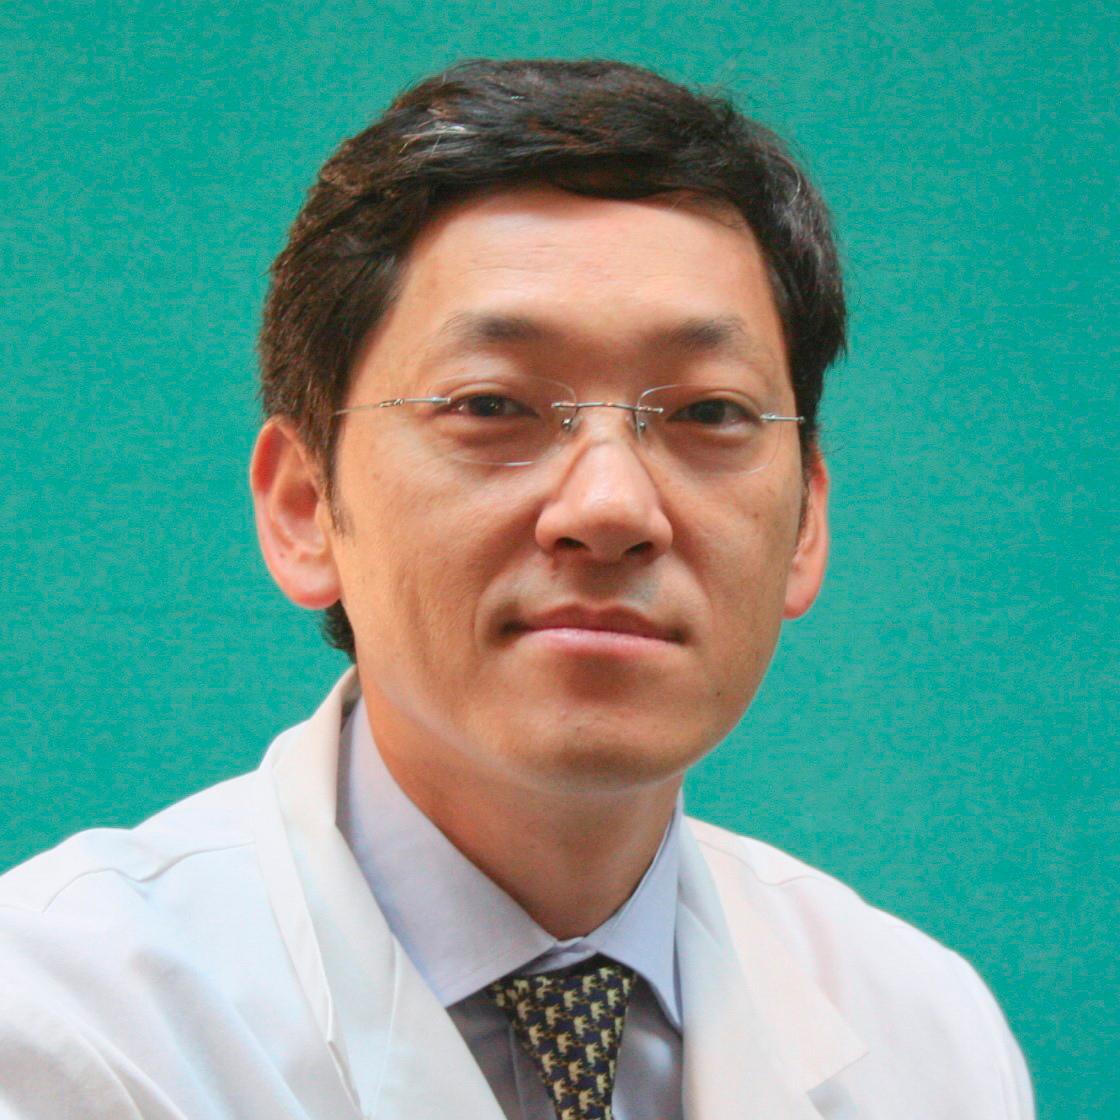 Sung-Ho